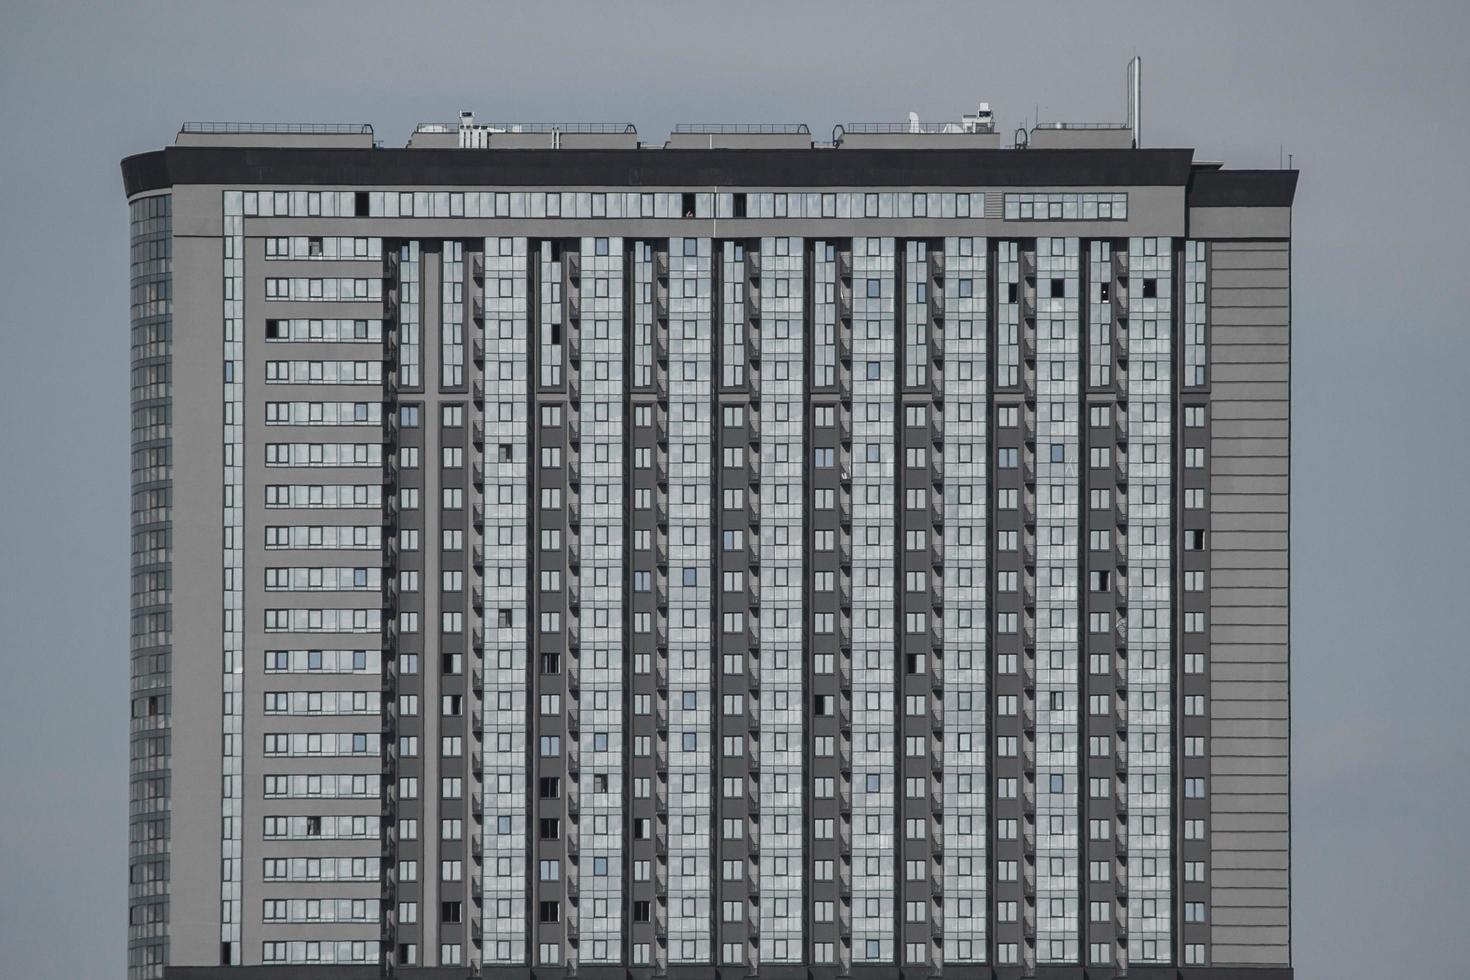 fachada de un edificio de oficinas. foto